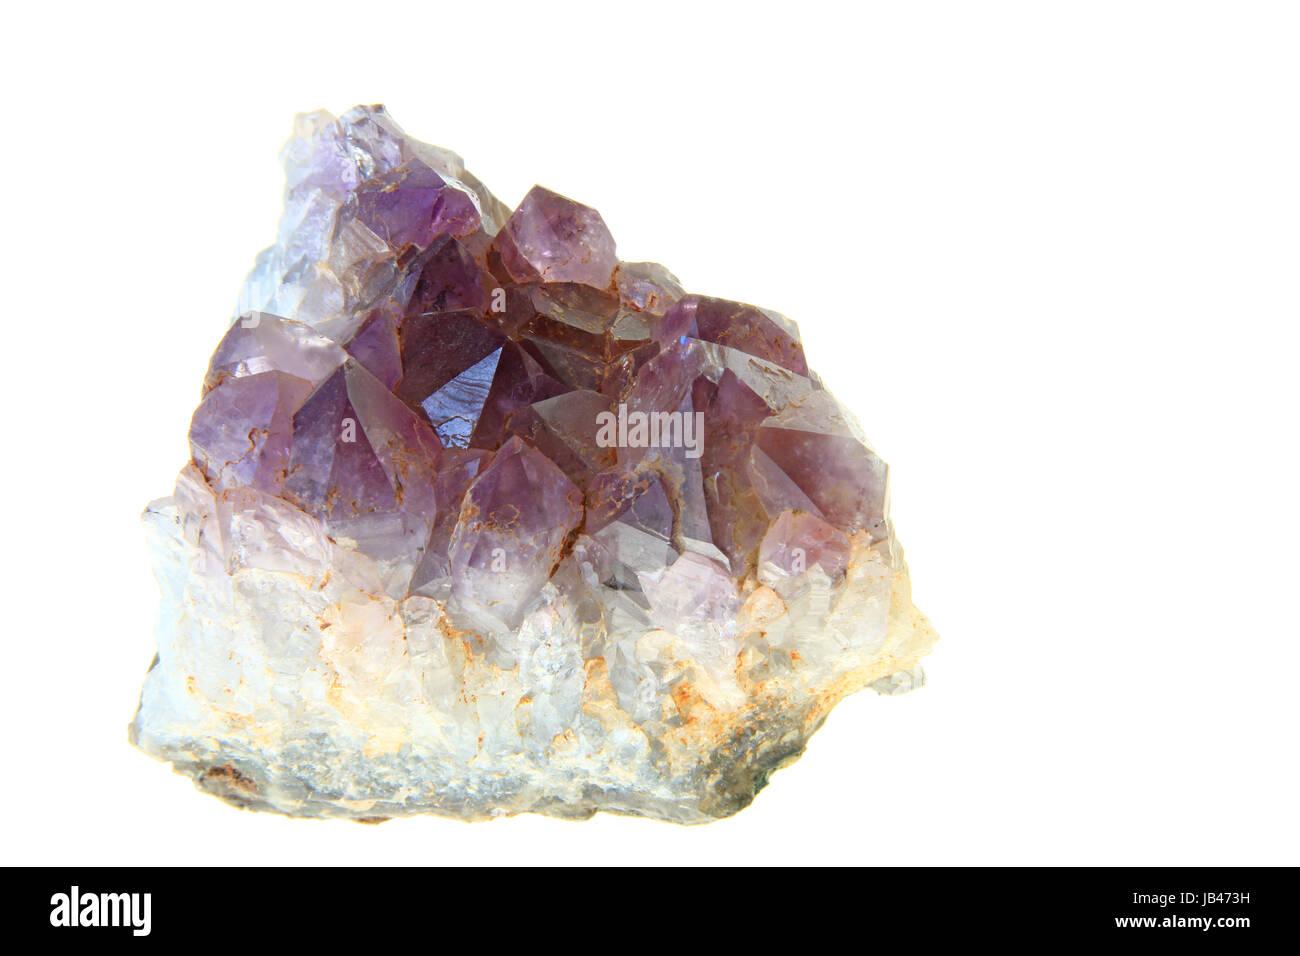 Amethyst-Kristalle vor weißem Hintergrund - Stock Image